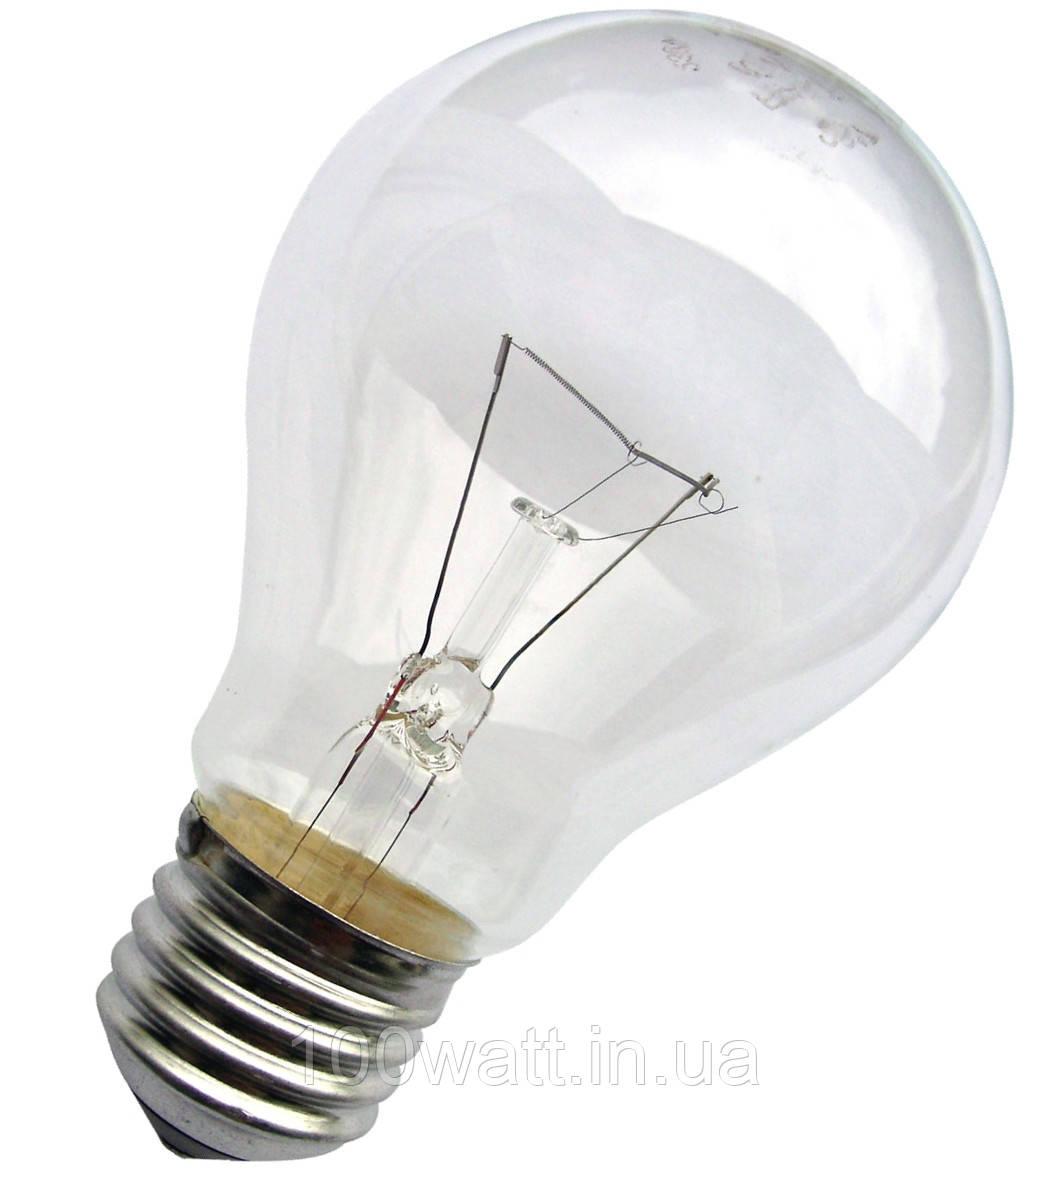 Лампа розжарювання ЛОН 200 Вт Е27